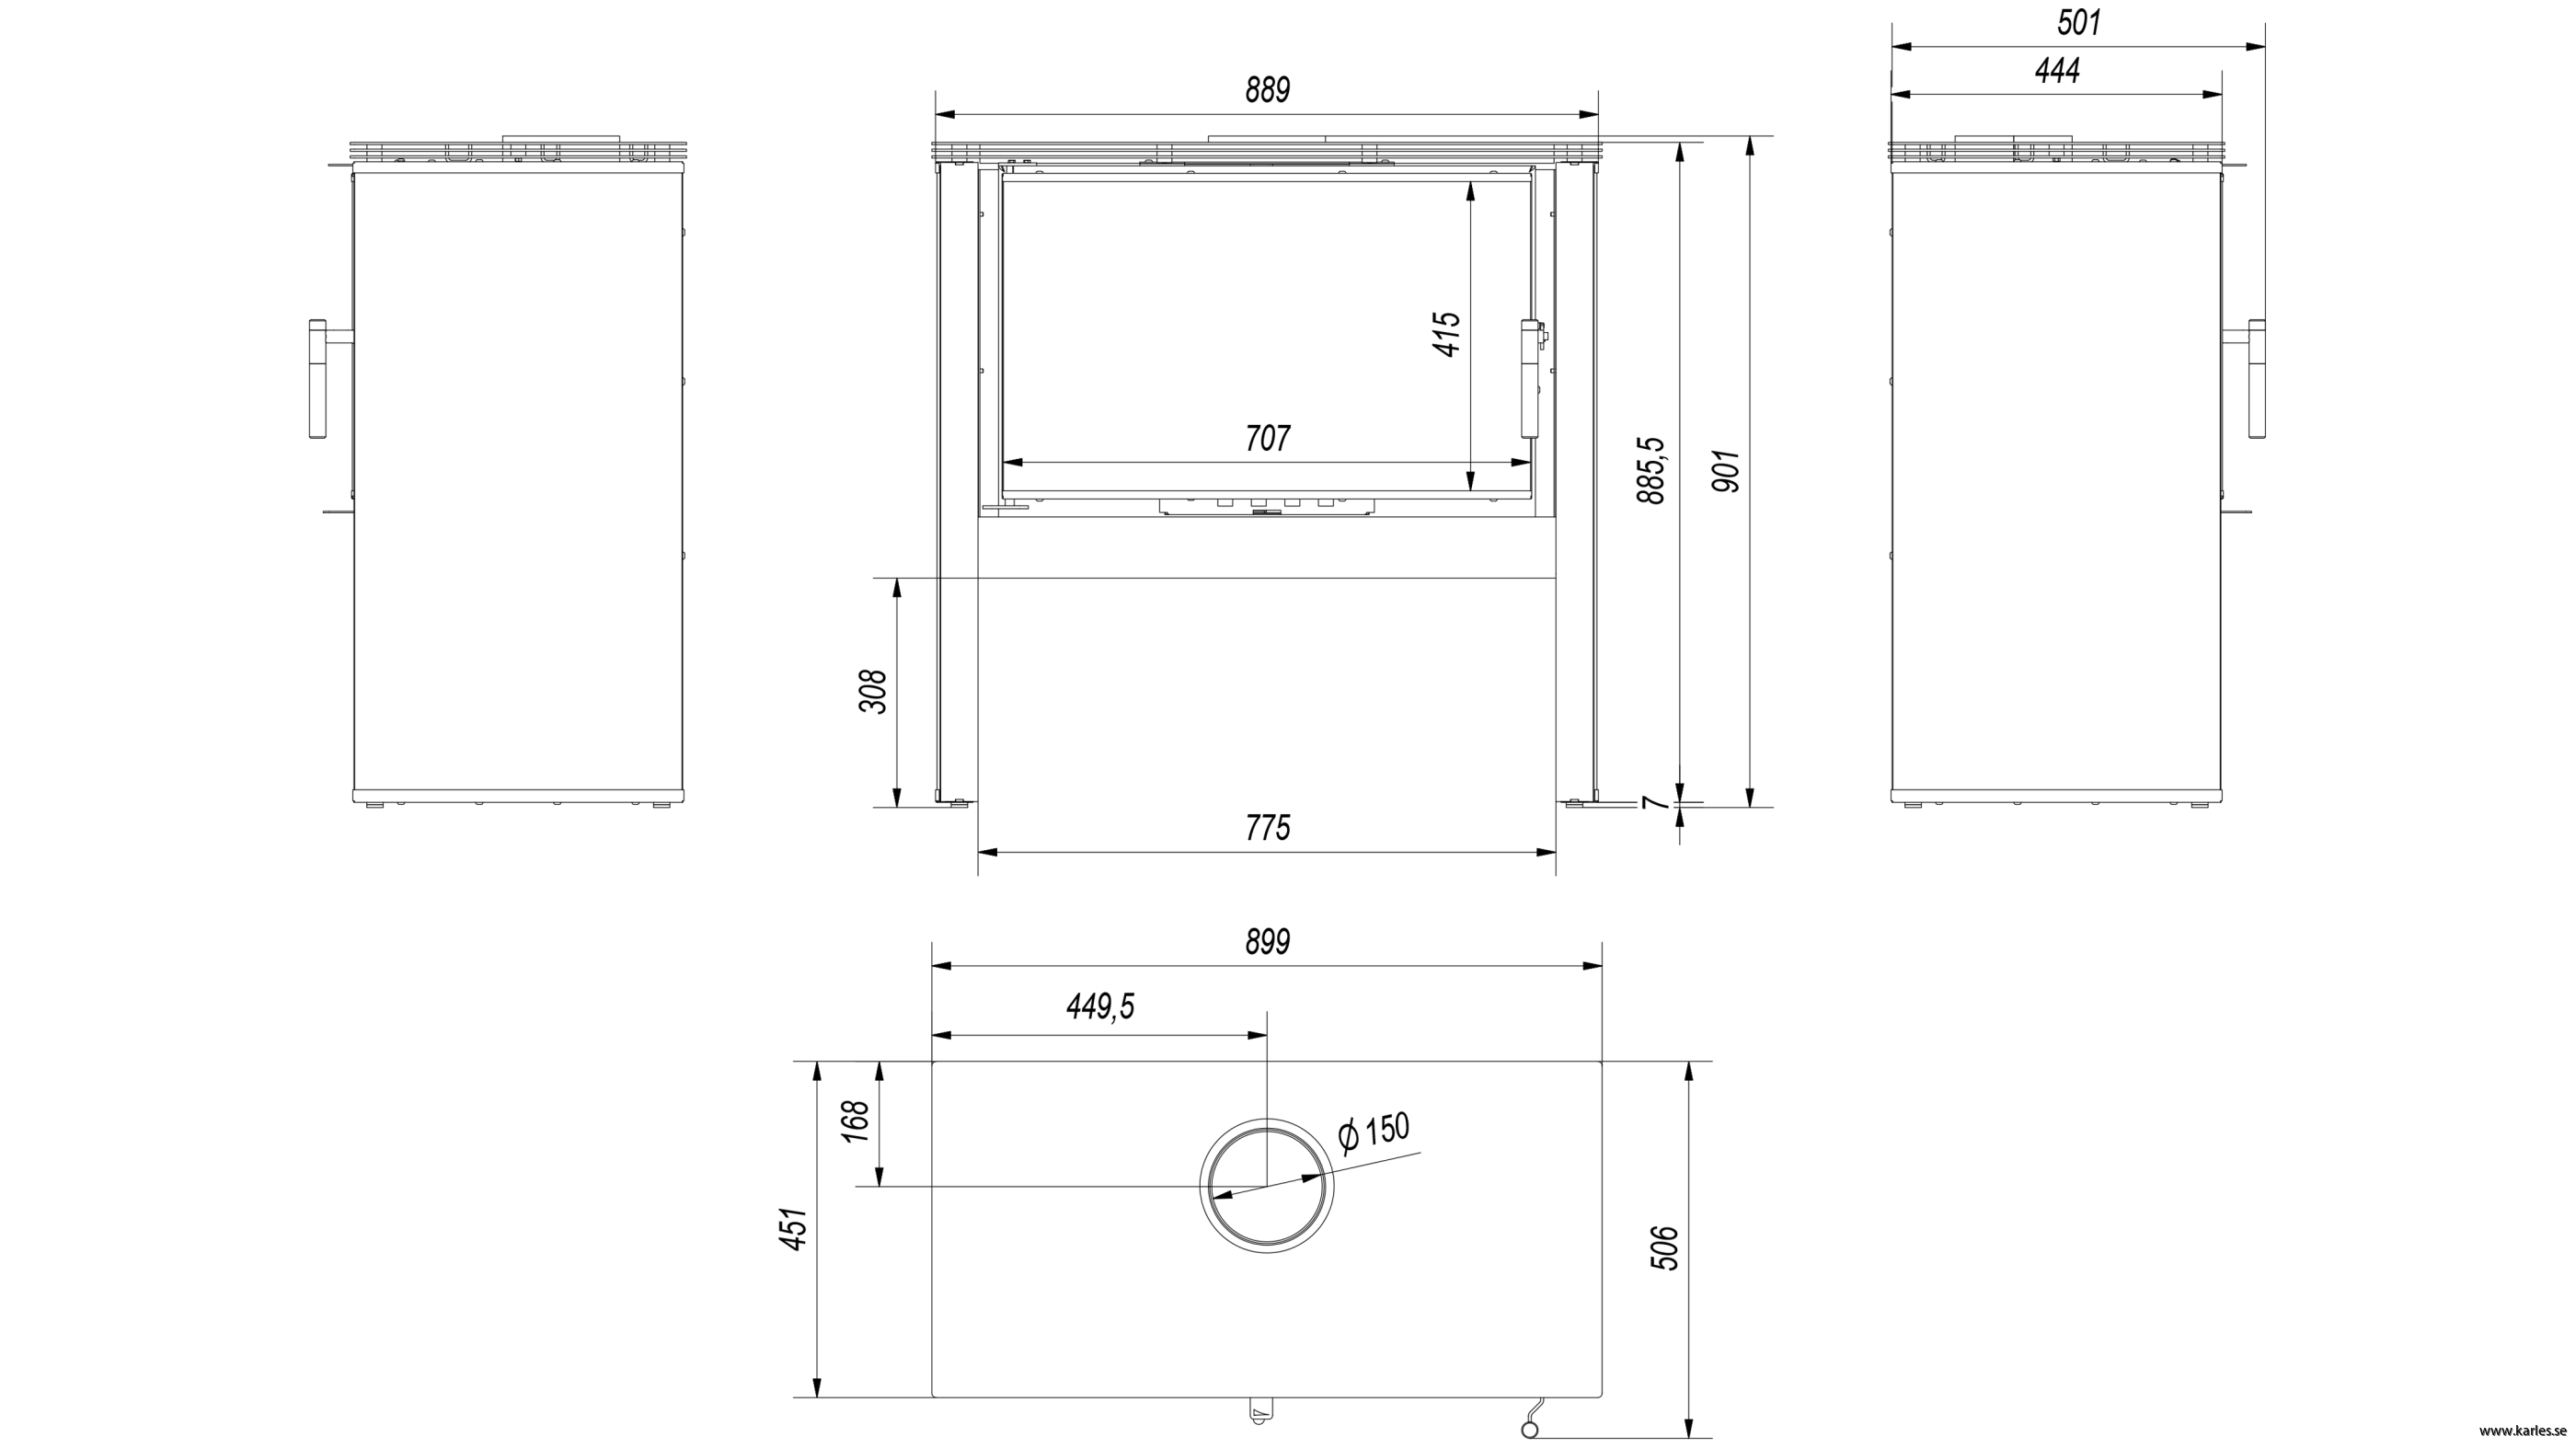 RV solpanel krok upp